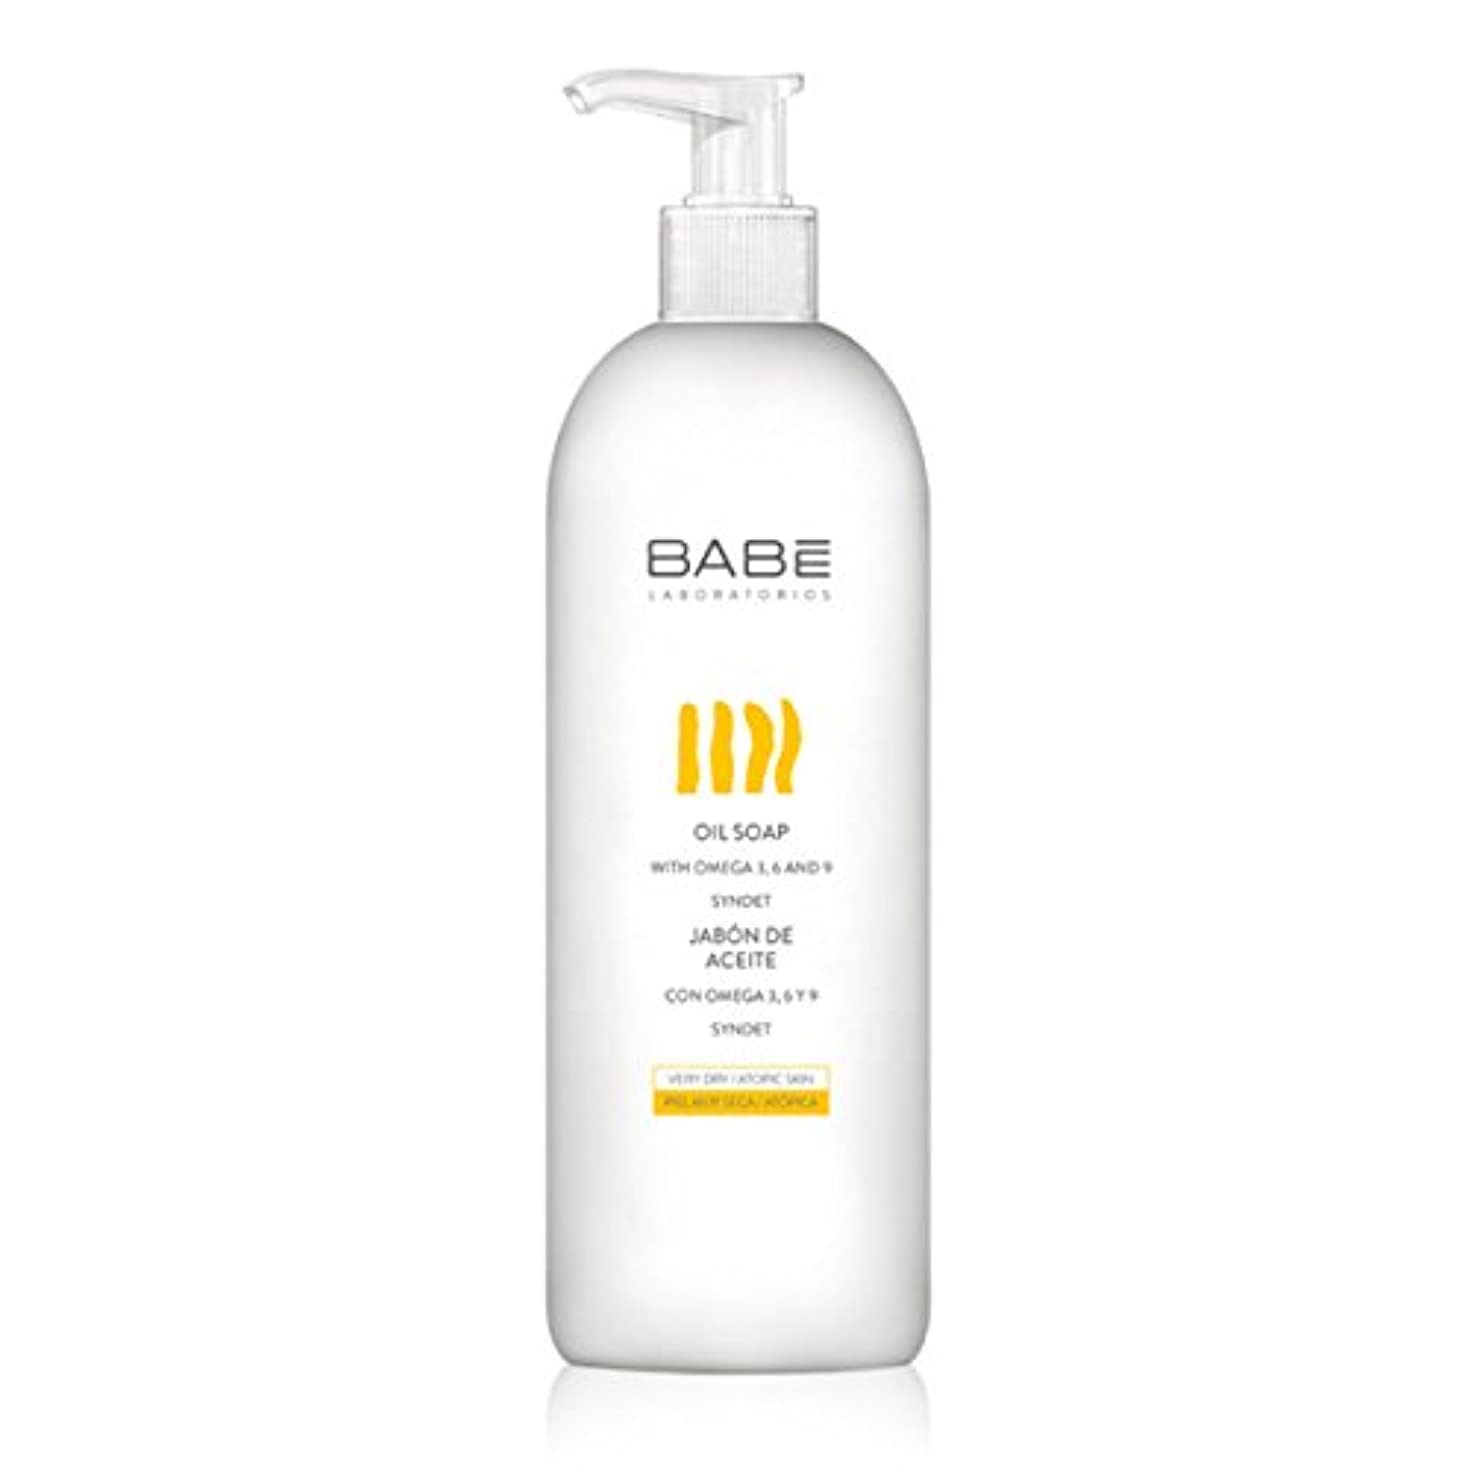 休眠キャプションフォアマンBabe Bath Oil 500ml [並行輸入品]